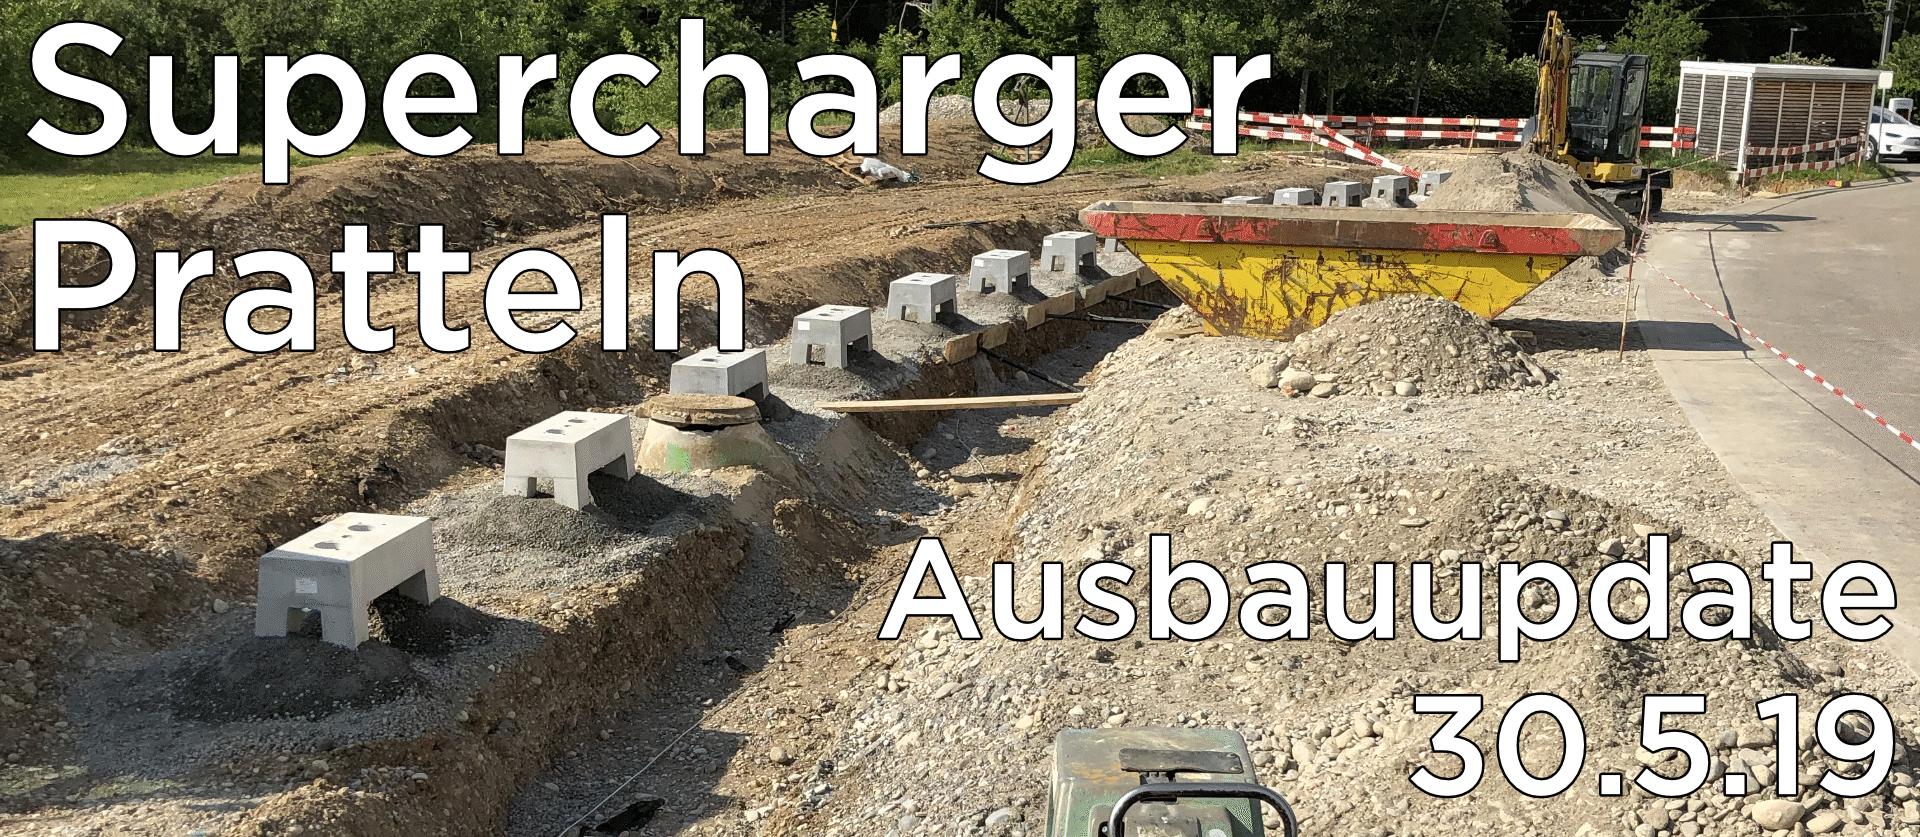 Supercharger Pratteln – Ausbauupdate 31.5.19